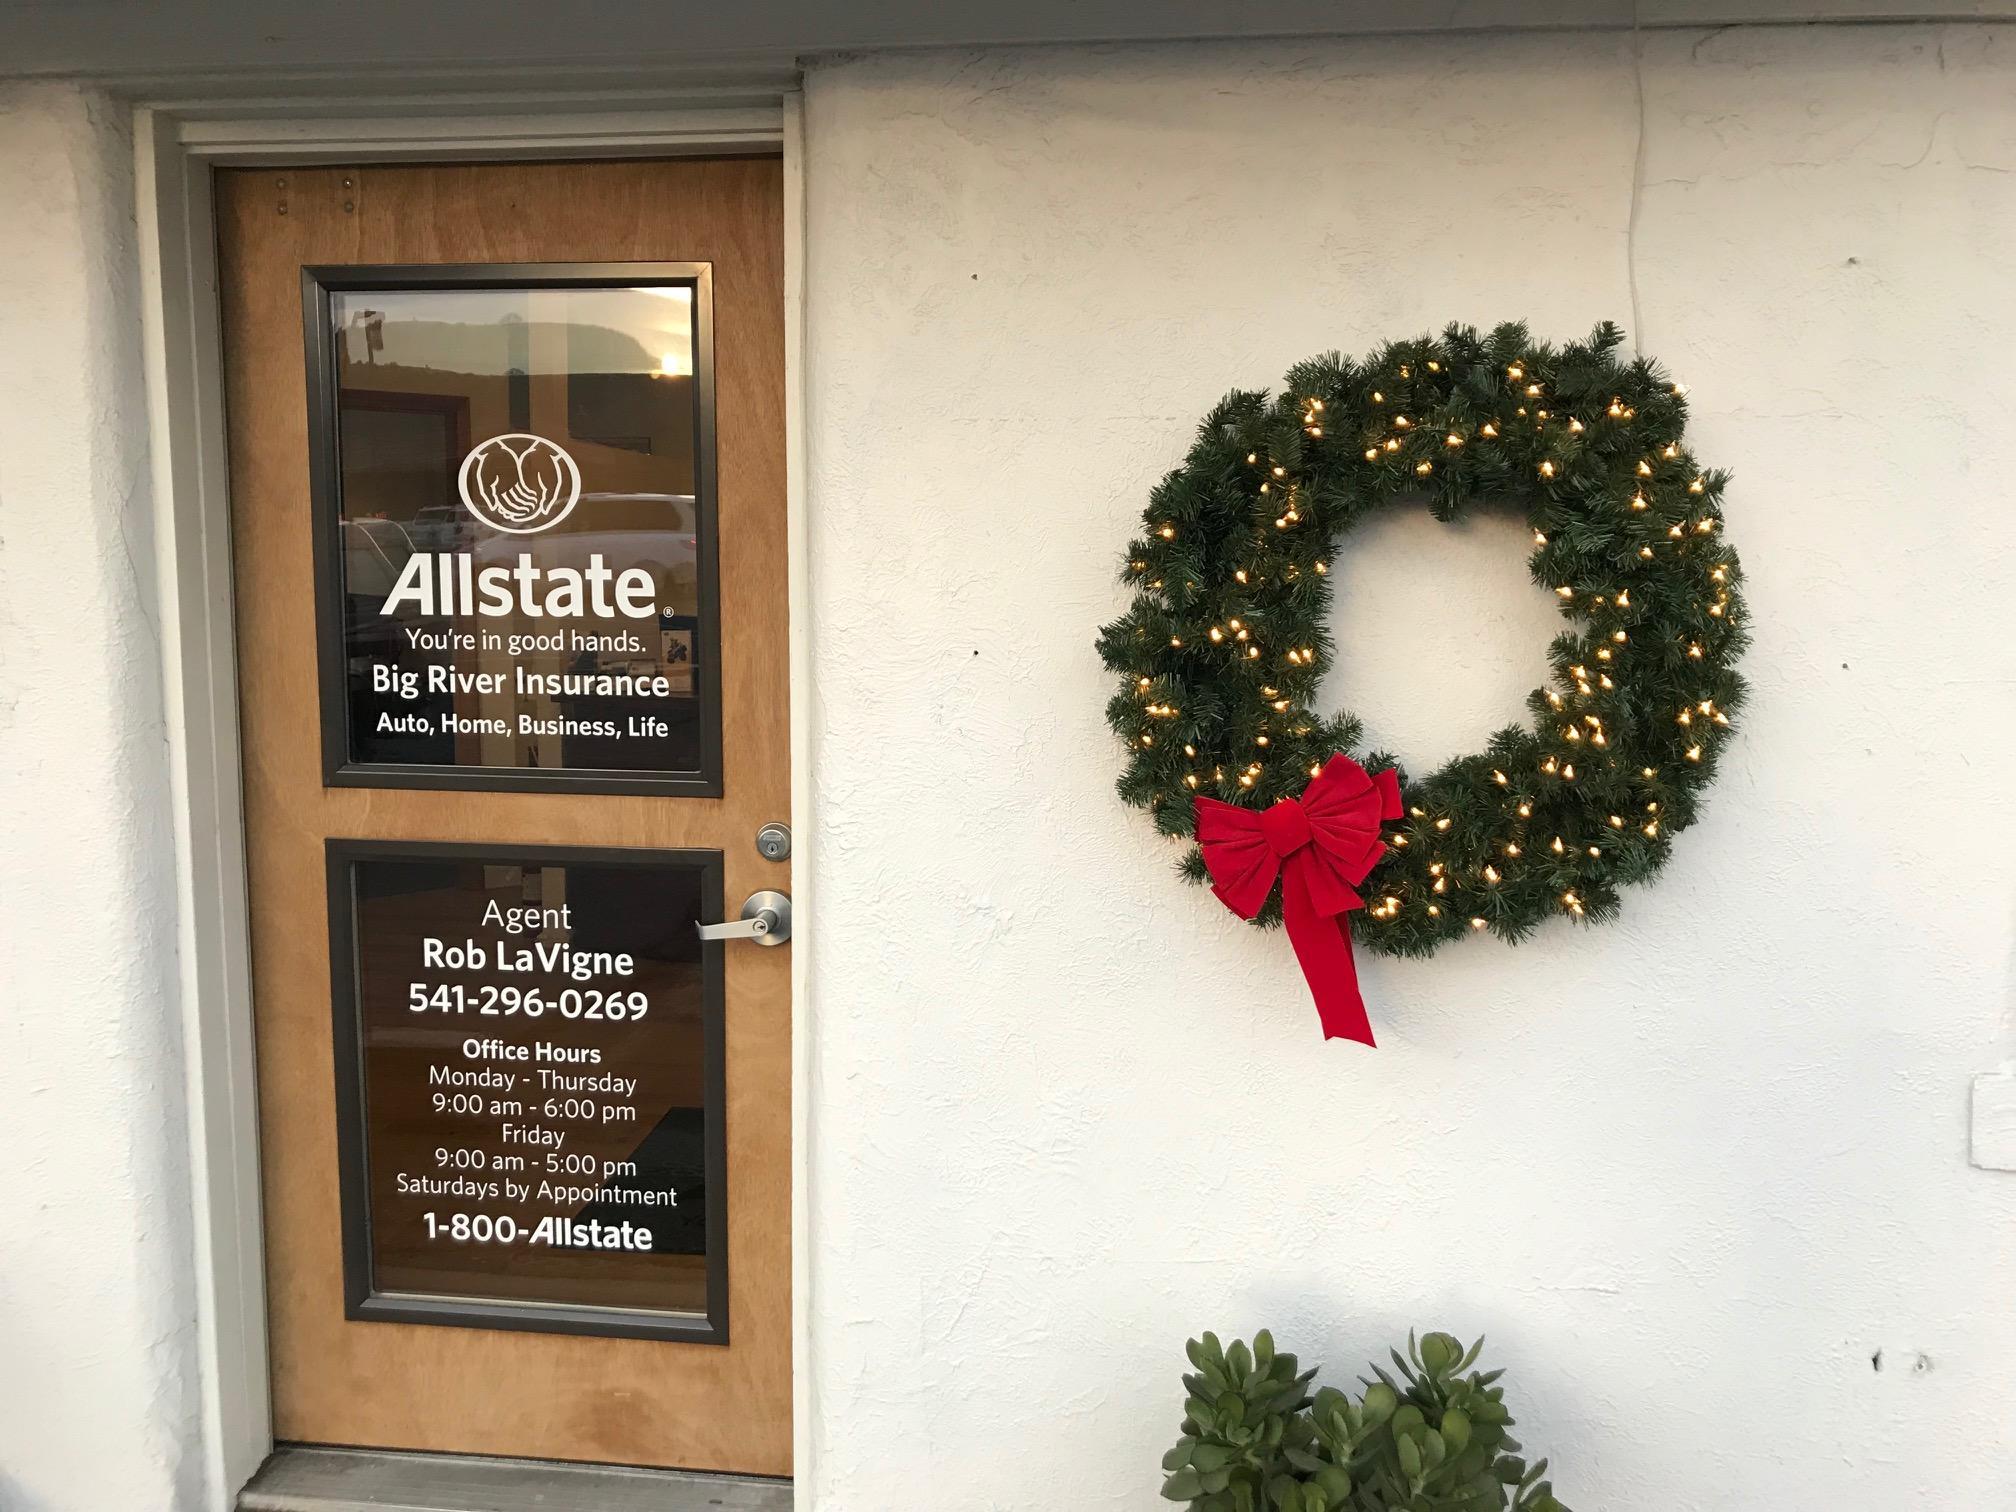 Rob LaVigne: Allstate Insurance image 3